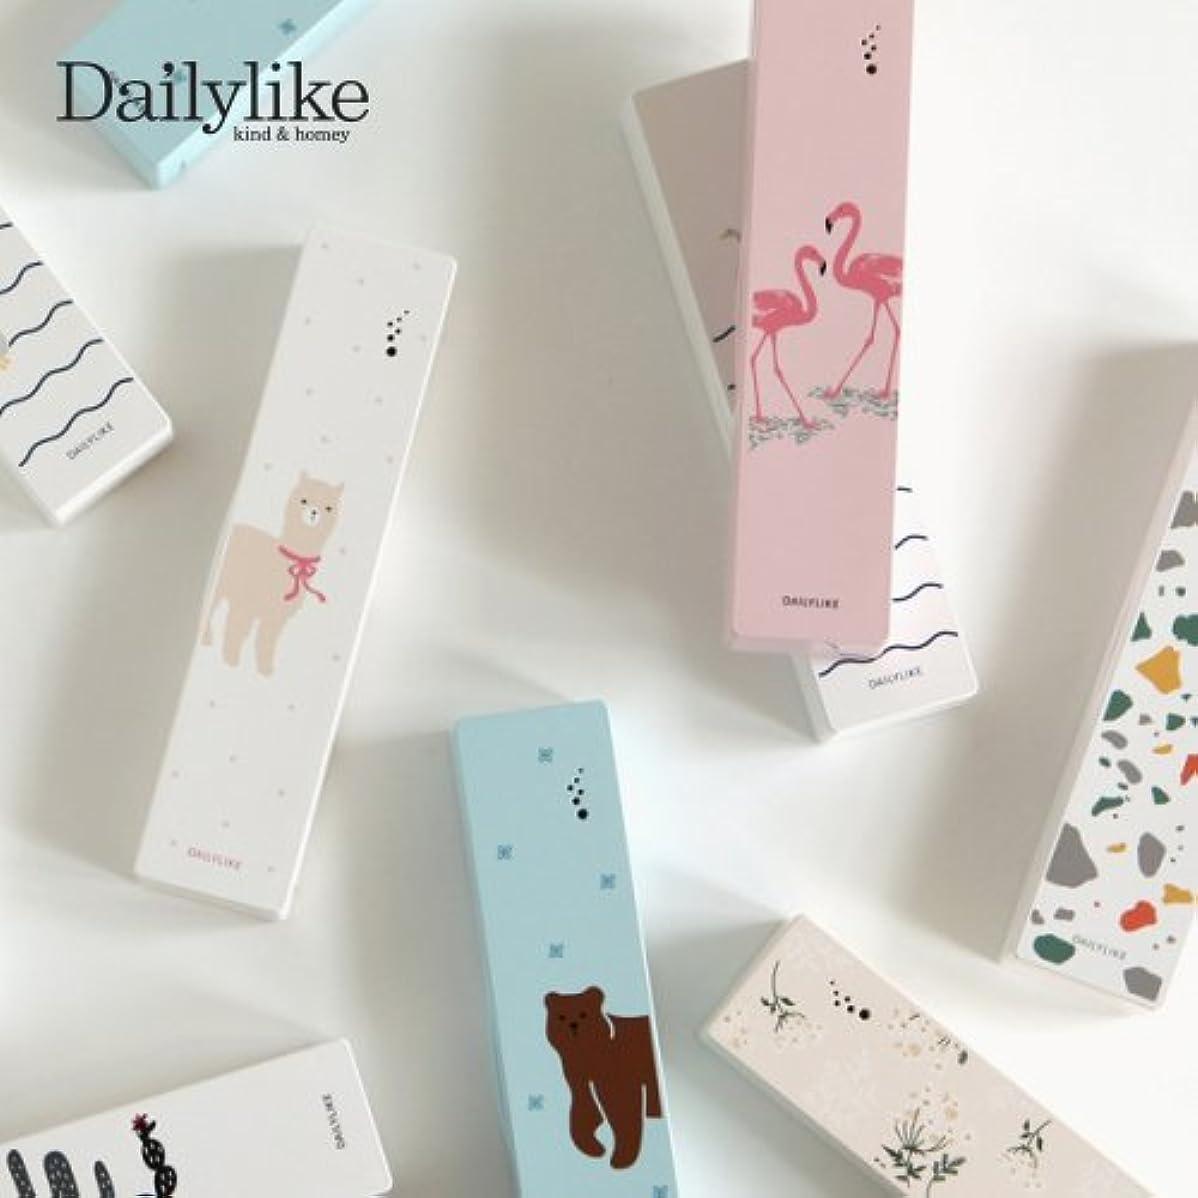 無限吸う研磨剤【Dailylike】携帯用歯ブラシ除菌器(Portable Toothbrush Sterilizer) (Lace flower)